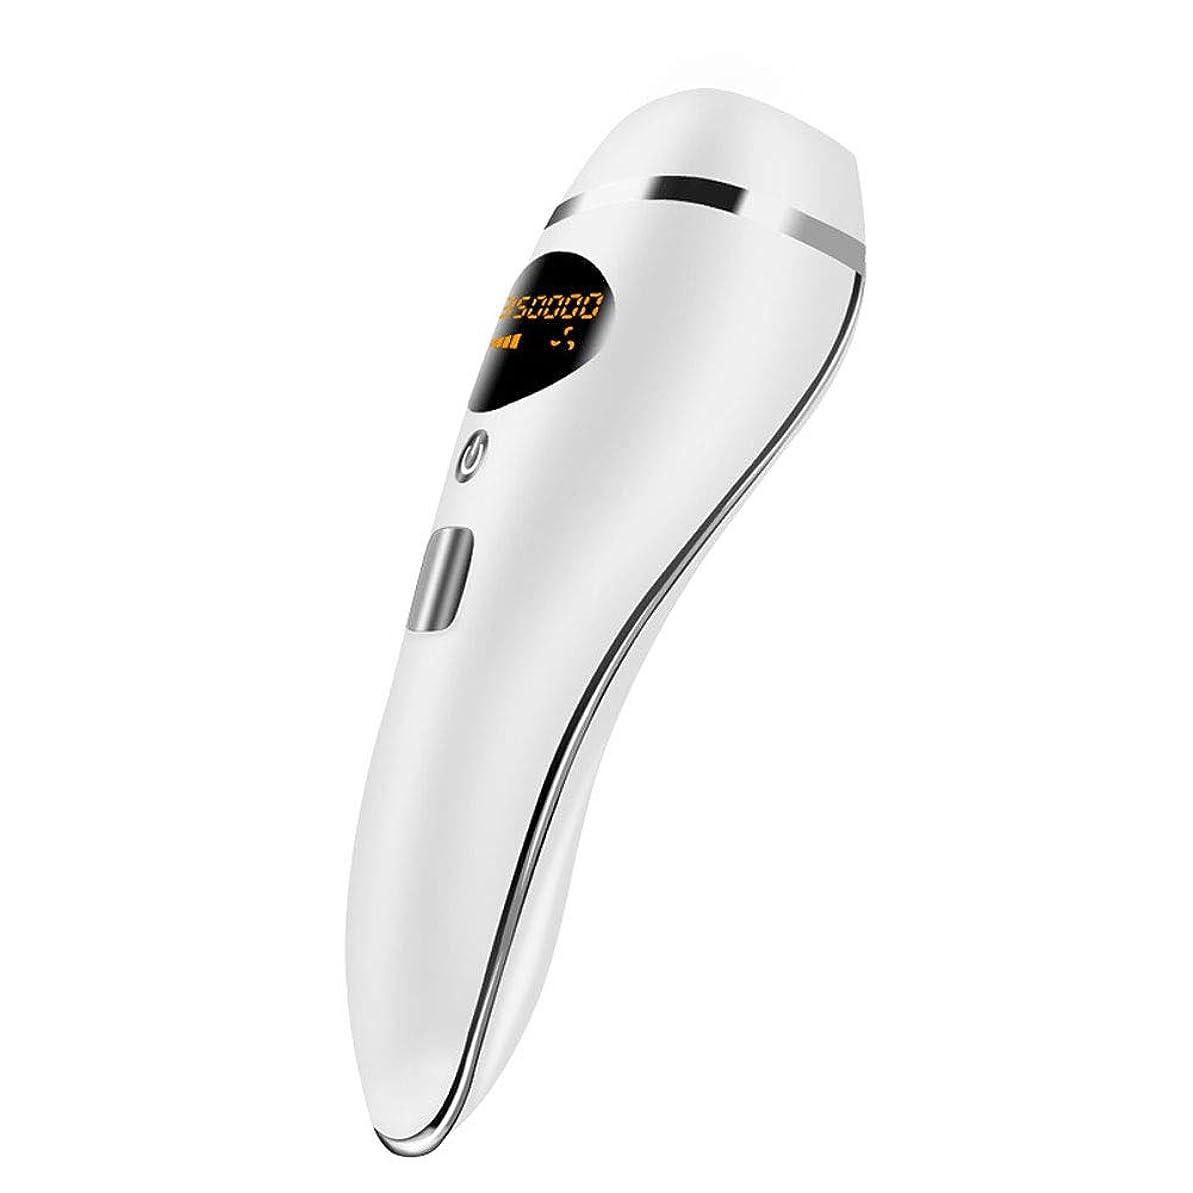 ポイント毎月結論女性のための毛の取り外しシステム、永久的な痛みのない600,000は顔のボディProfesionalの毛の除去剤装置を点滅させます